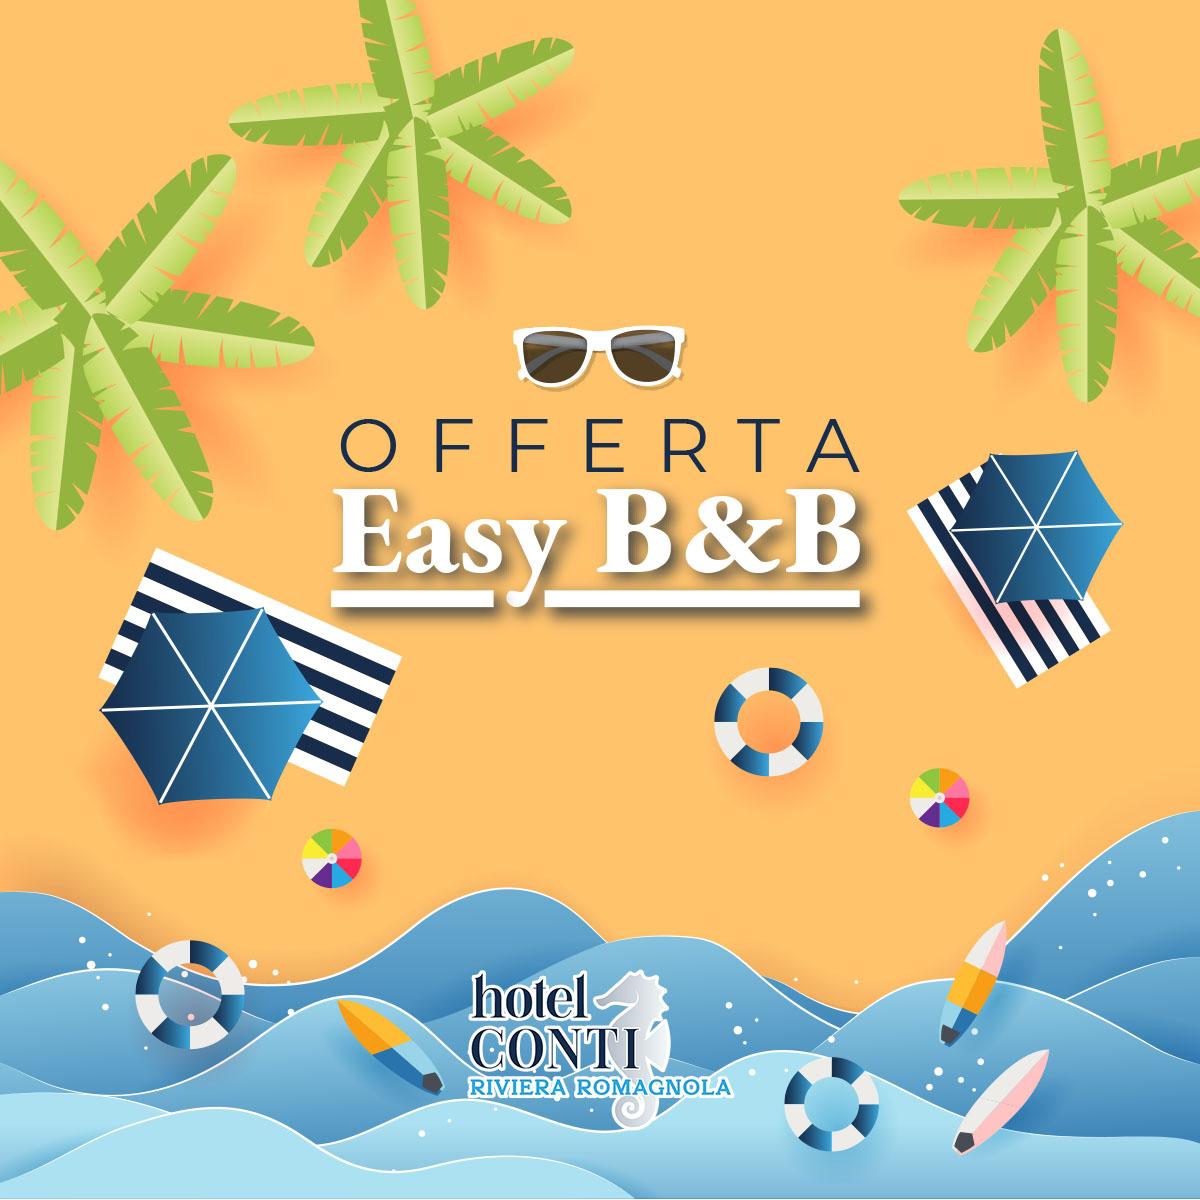 Offerta EASY B&B